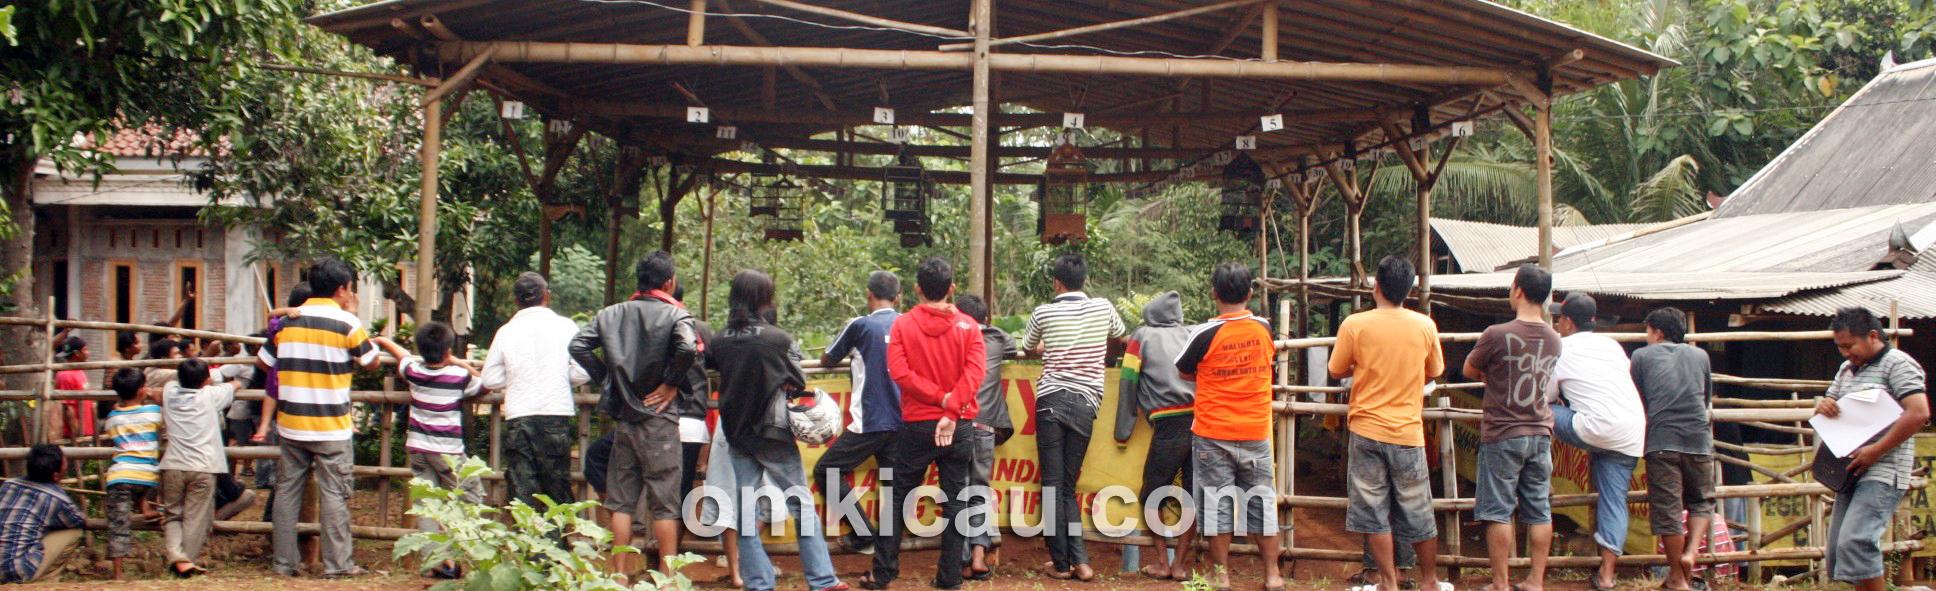 Latpres Condong Sampur Wonogiri